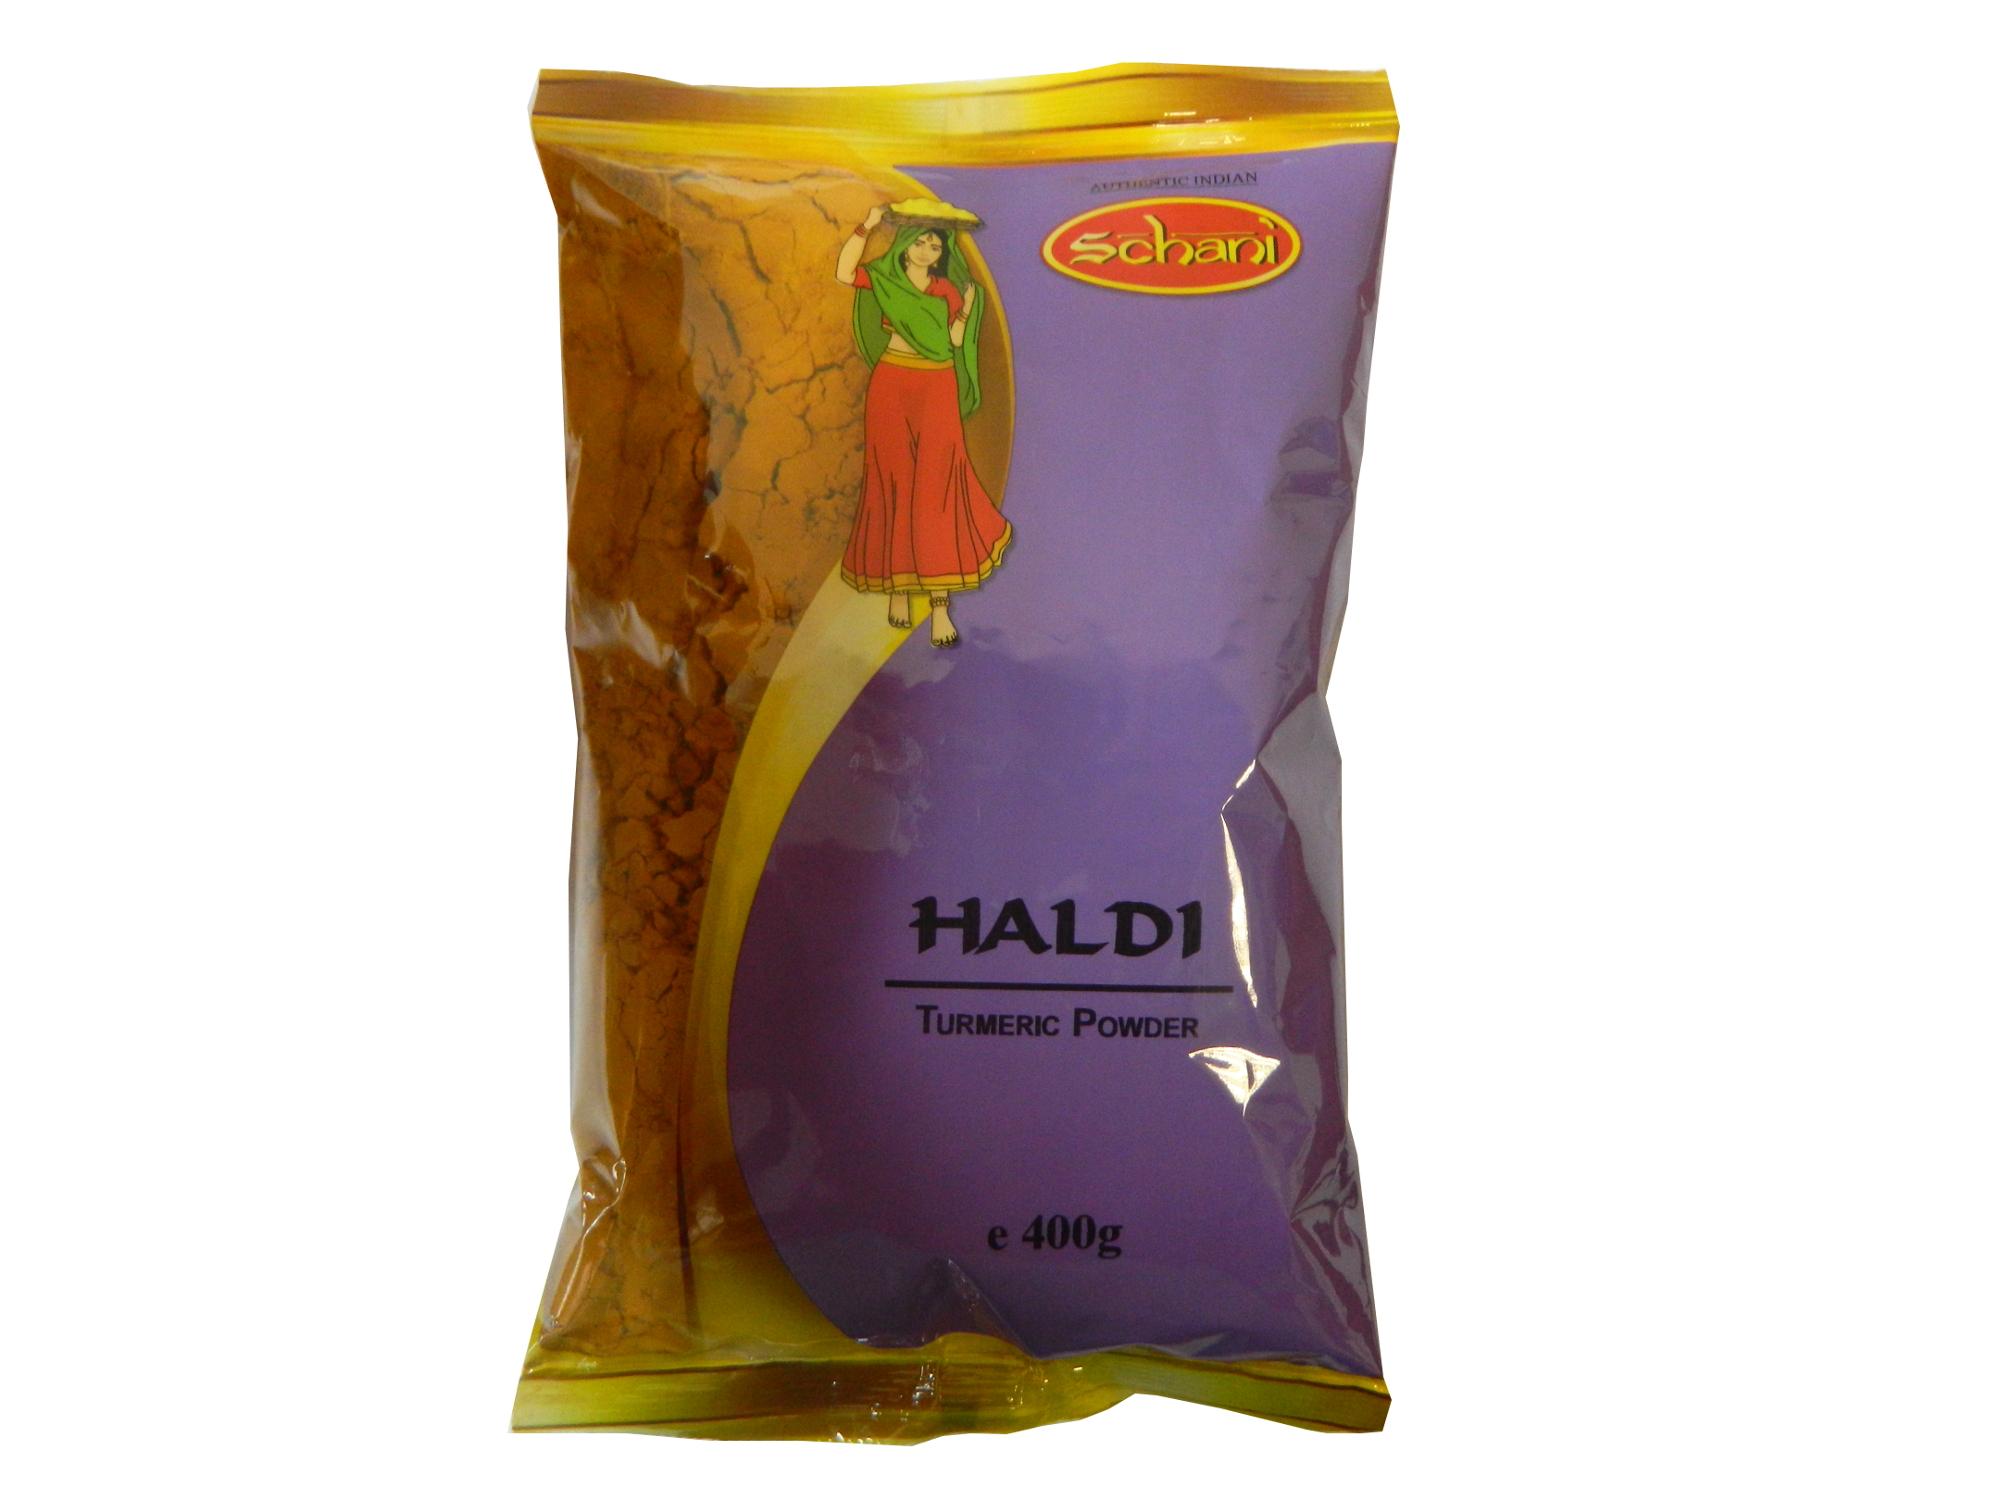 indienlebensmittel.de - Schani Indien Lebensmittel Feinkost ...